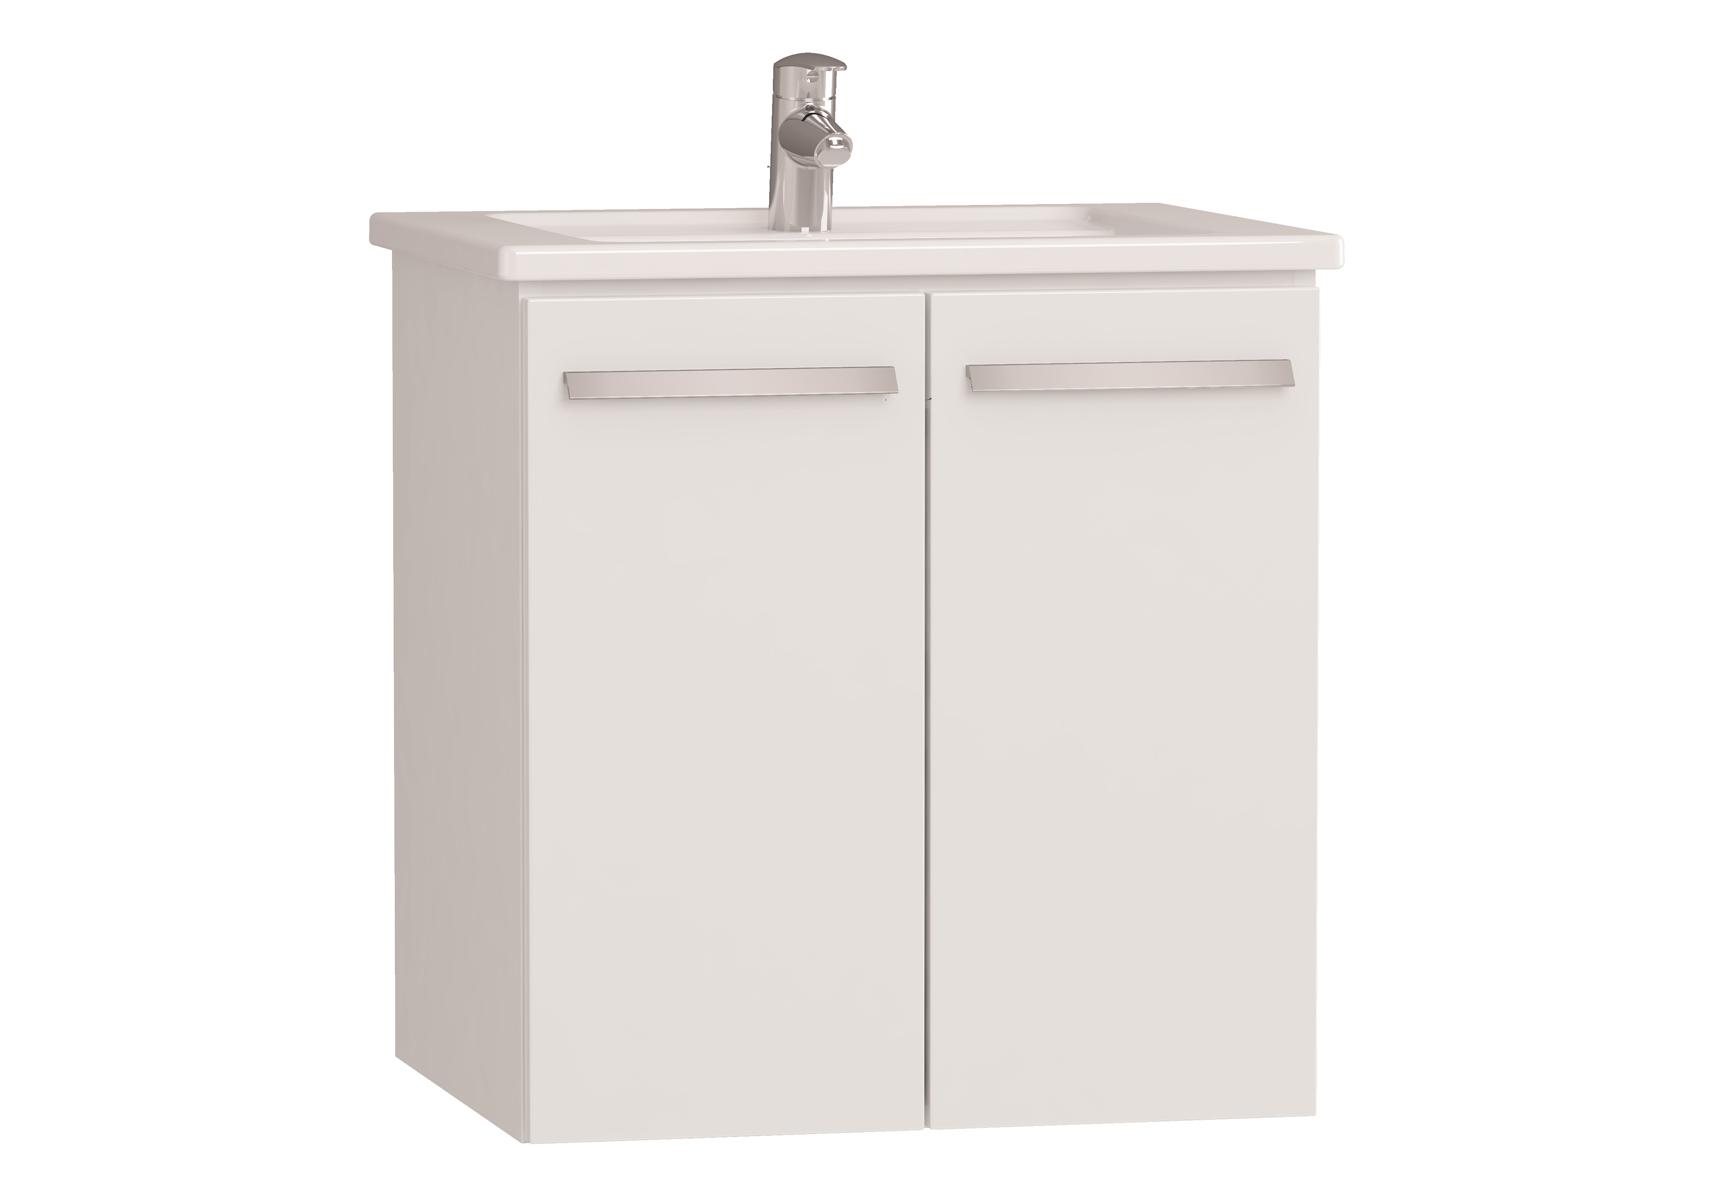 Integra meuble avec plan céramique avec portes, 60 cm, blanc haute brillance